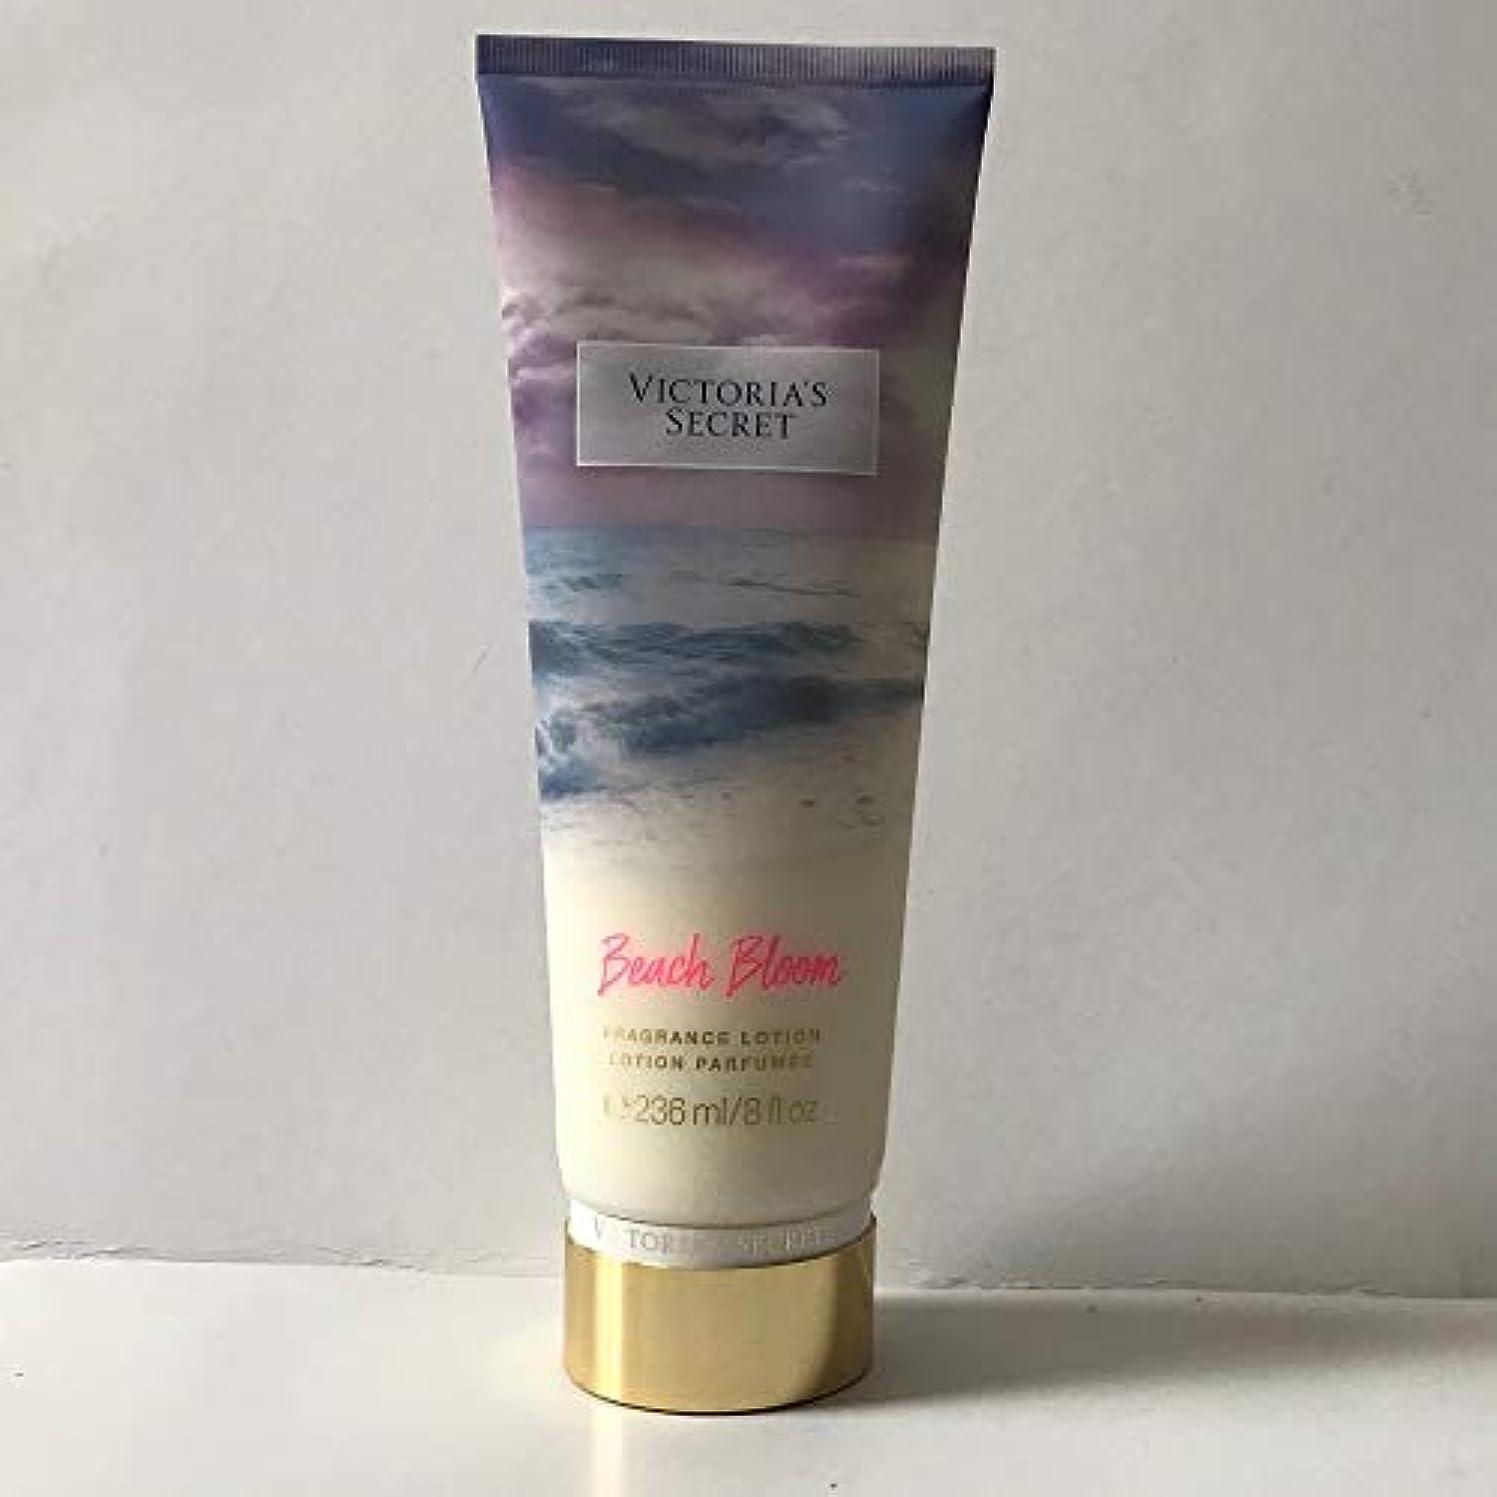 進化指啓示フレグランスローション Fragrance Lotion ヴィクトリアズシークレット Victoria'sSecret (58LTD.ビーチブルーム/BeachBloom-LTD) [並行輸入品]